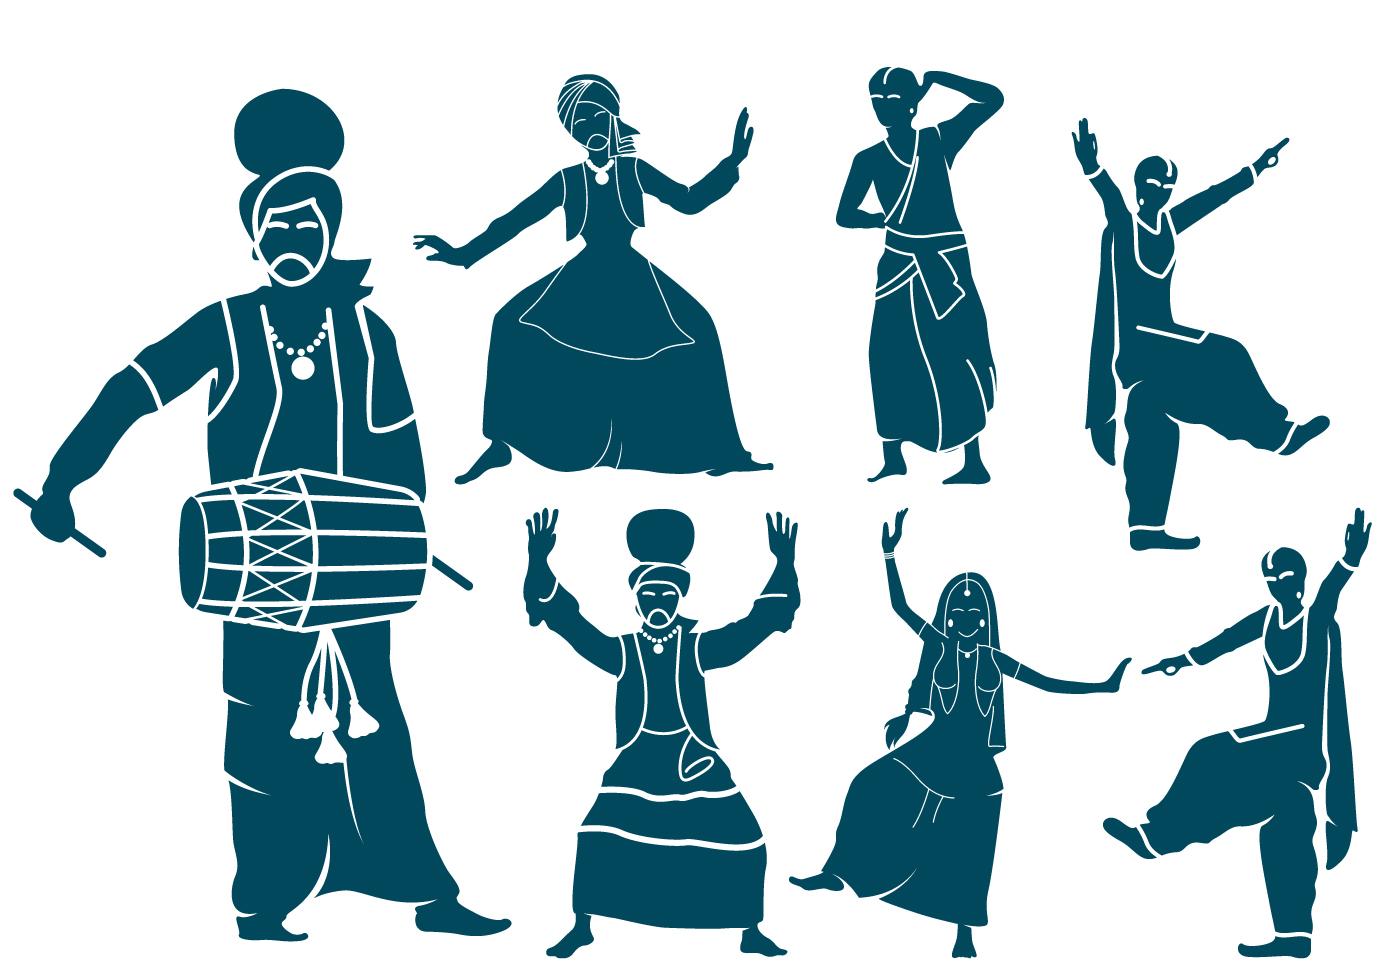 Punjabi Dancers Silhouettes - Download Free Vectors ...